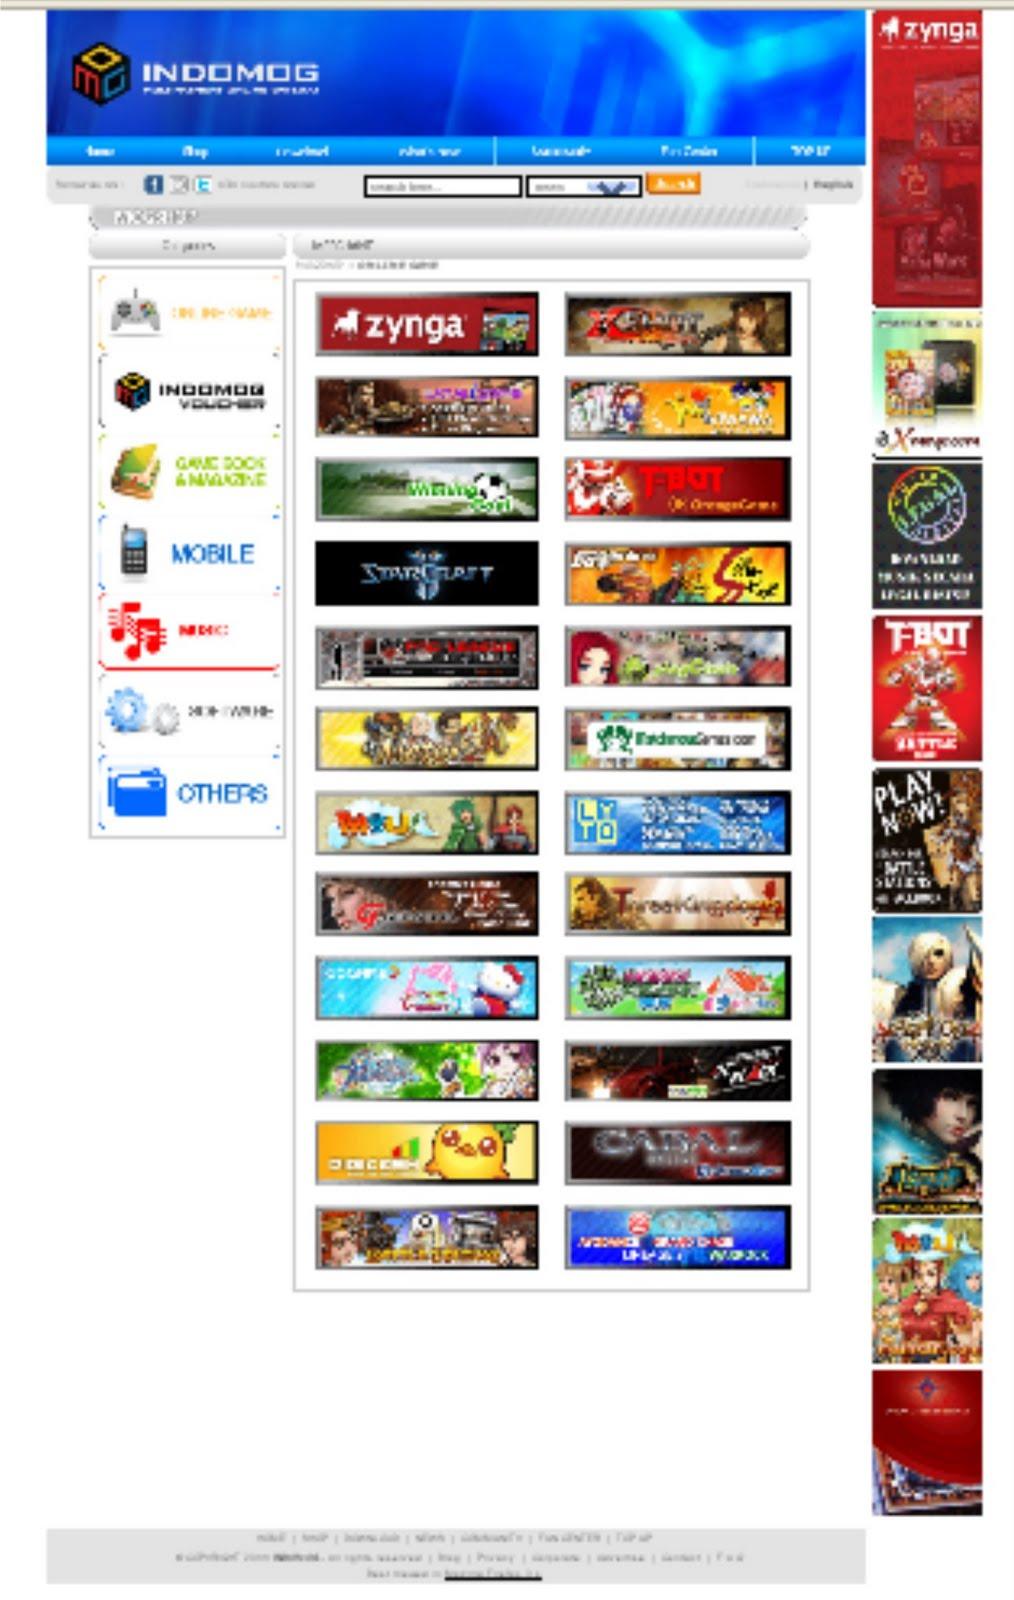 Ary Lukman Indomog Voucher Lyto 175000 Game On Di Ini Tersedia Berbagai Macam Mungkin Bisa Bilang Yang Terlengkap